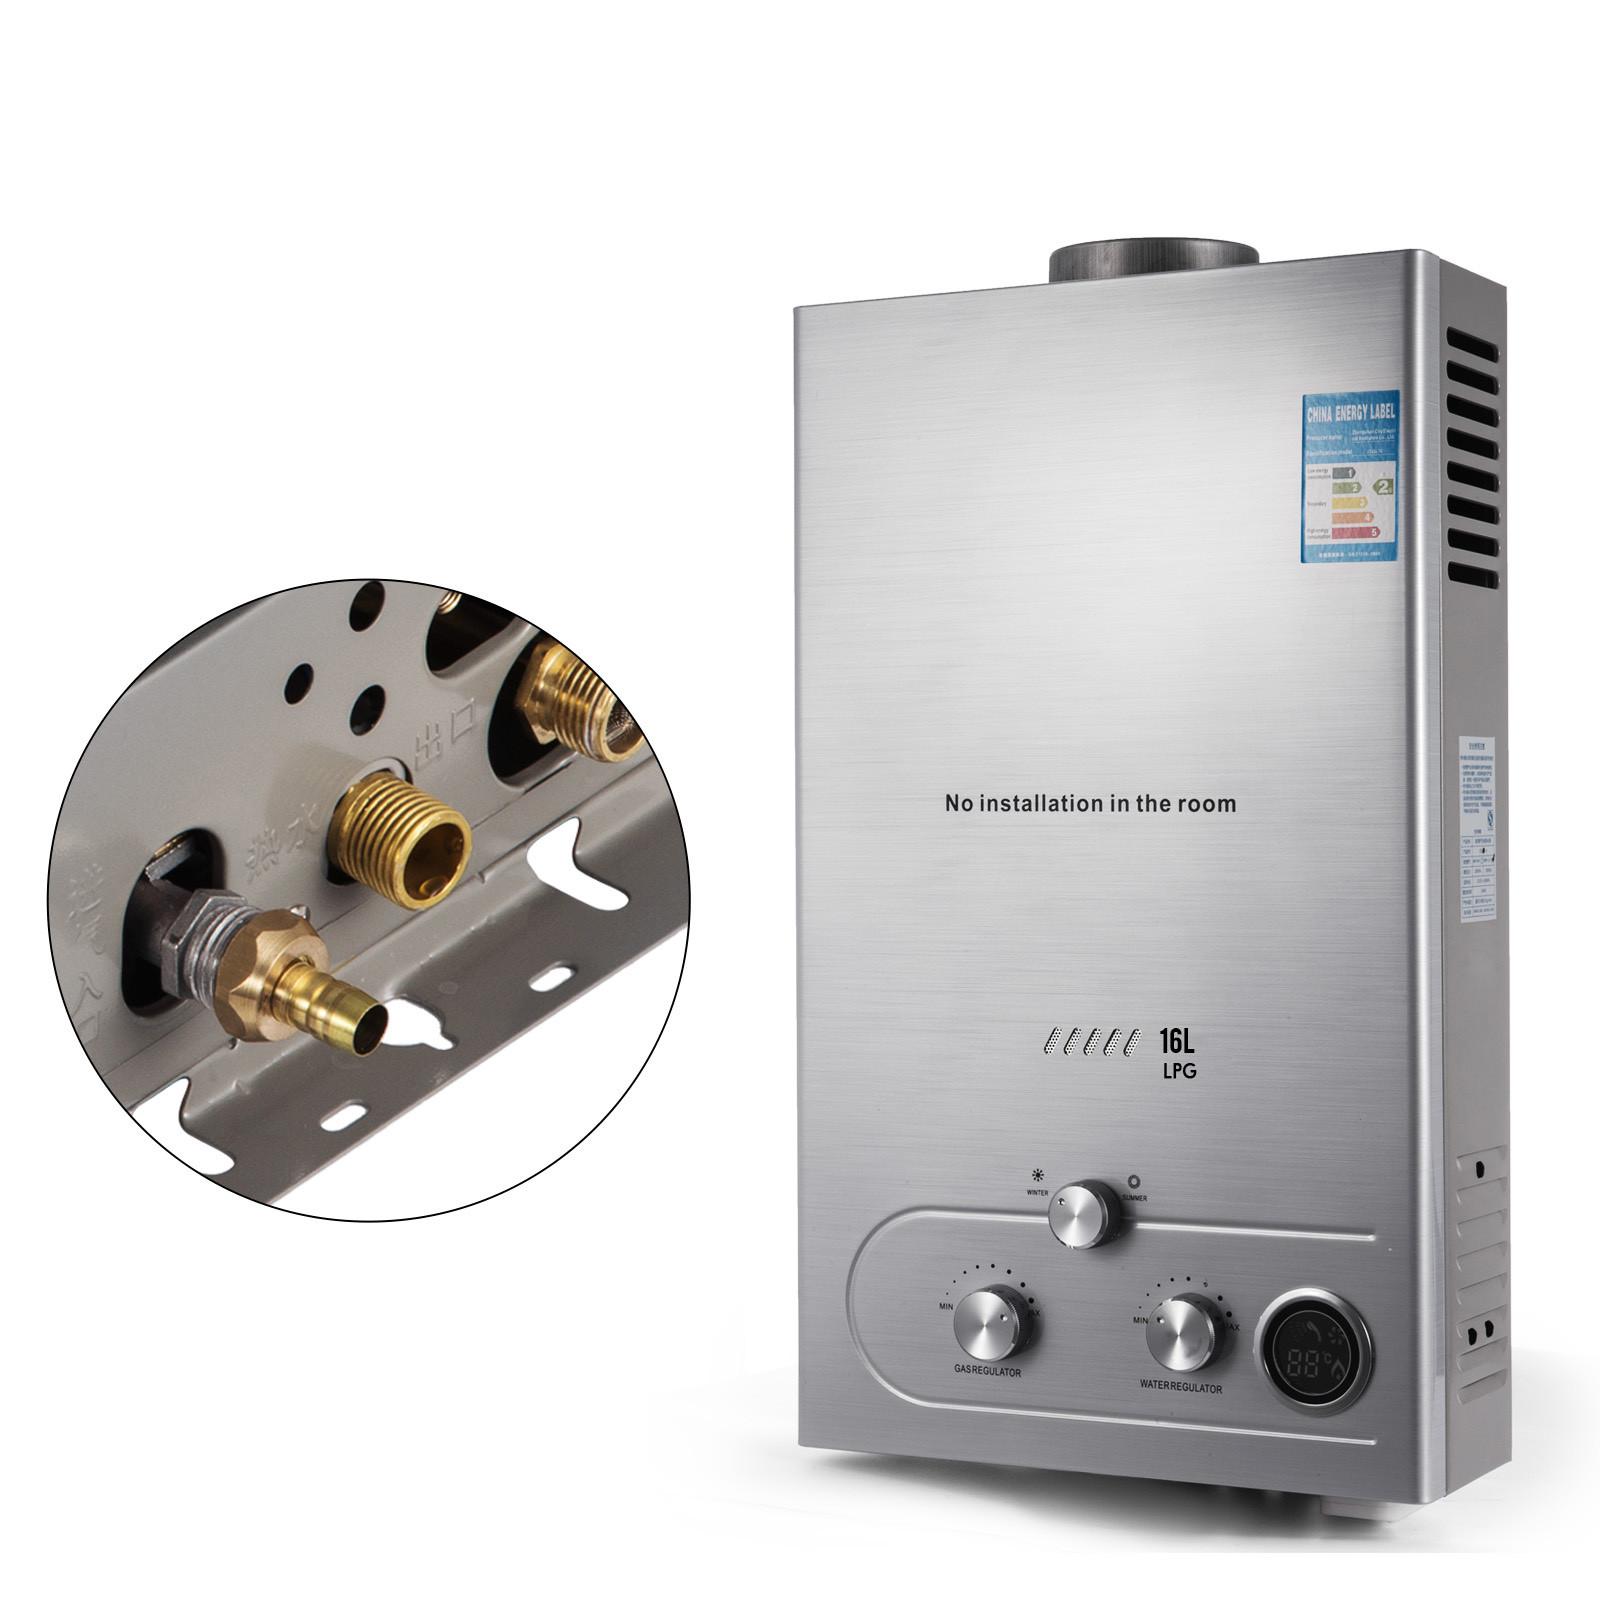 Propangas-Gas-Durchlauferhitzer-Warmwasserbereiter-Boiler-Warmwasserspeicher Indexbild 83